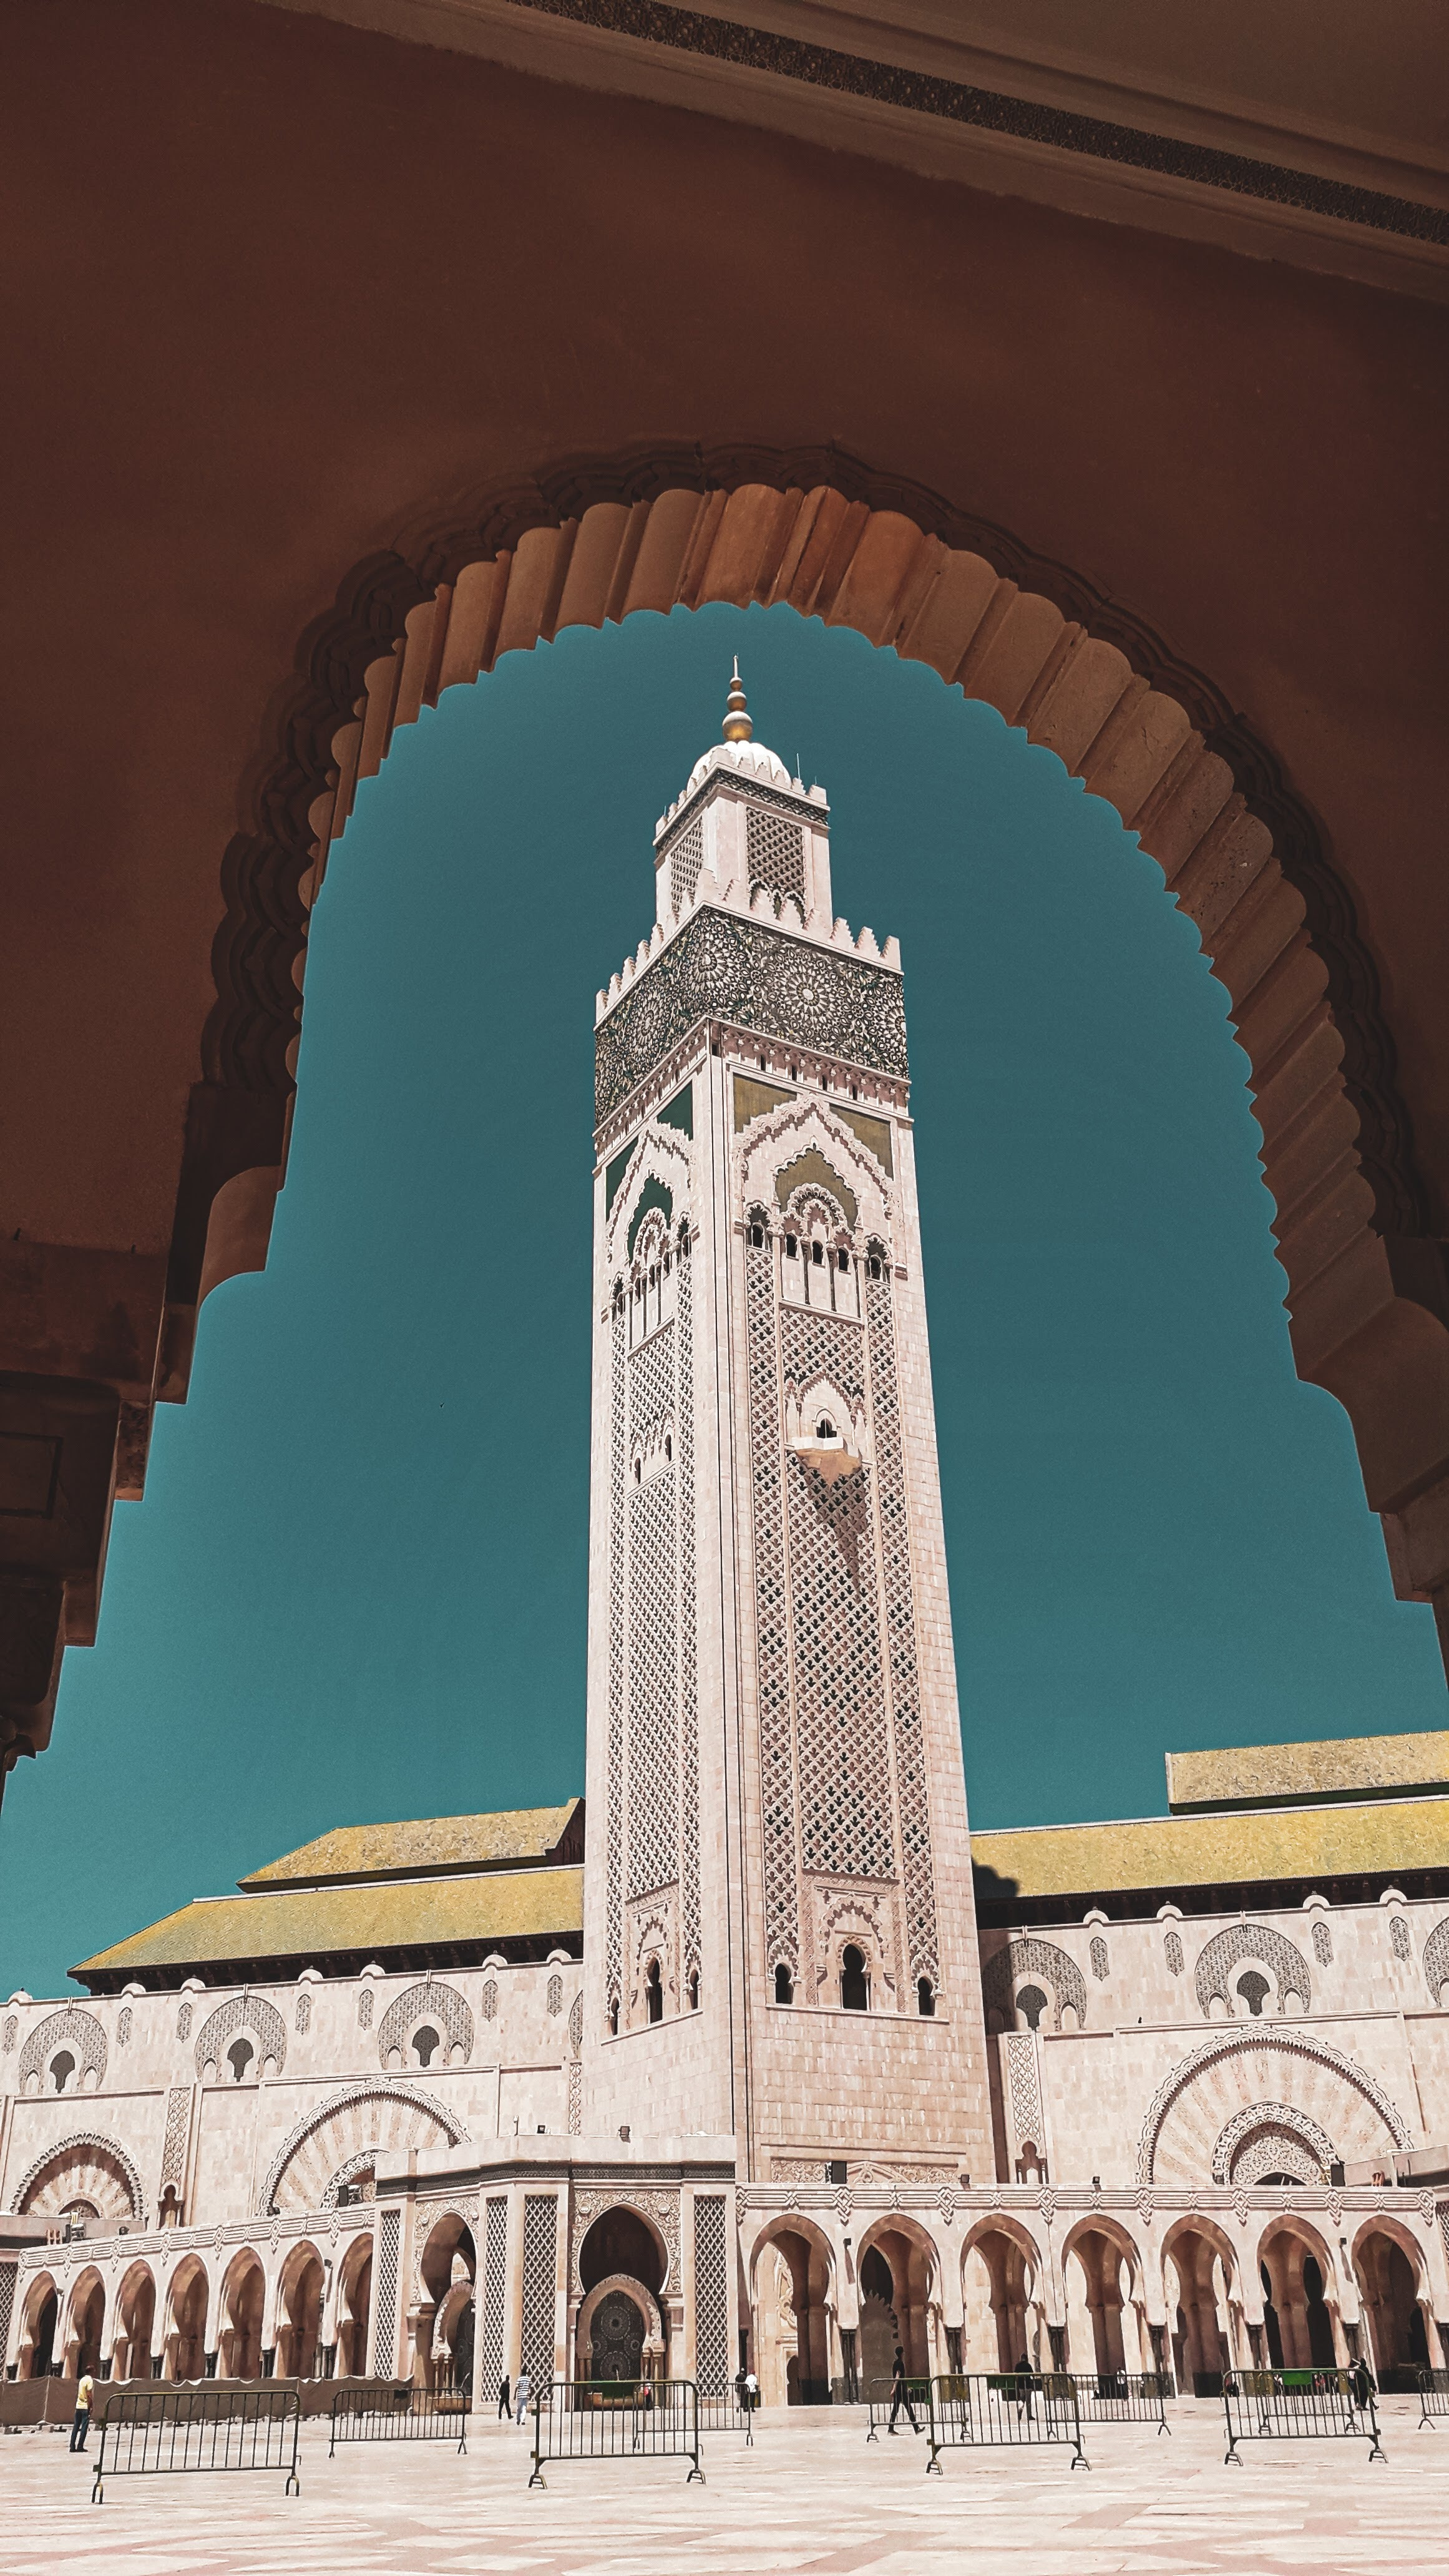 مسجد شاه حسن ثانی مراکش-جاذبه های گردشگری مراکش